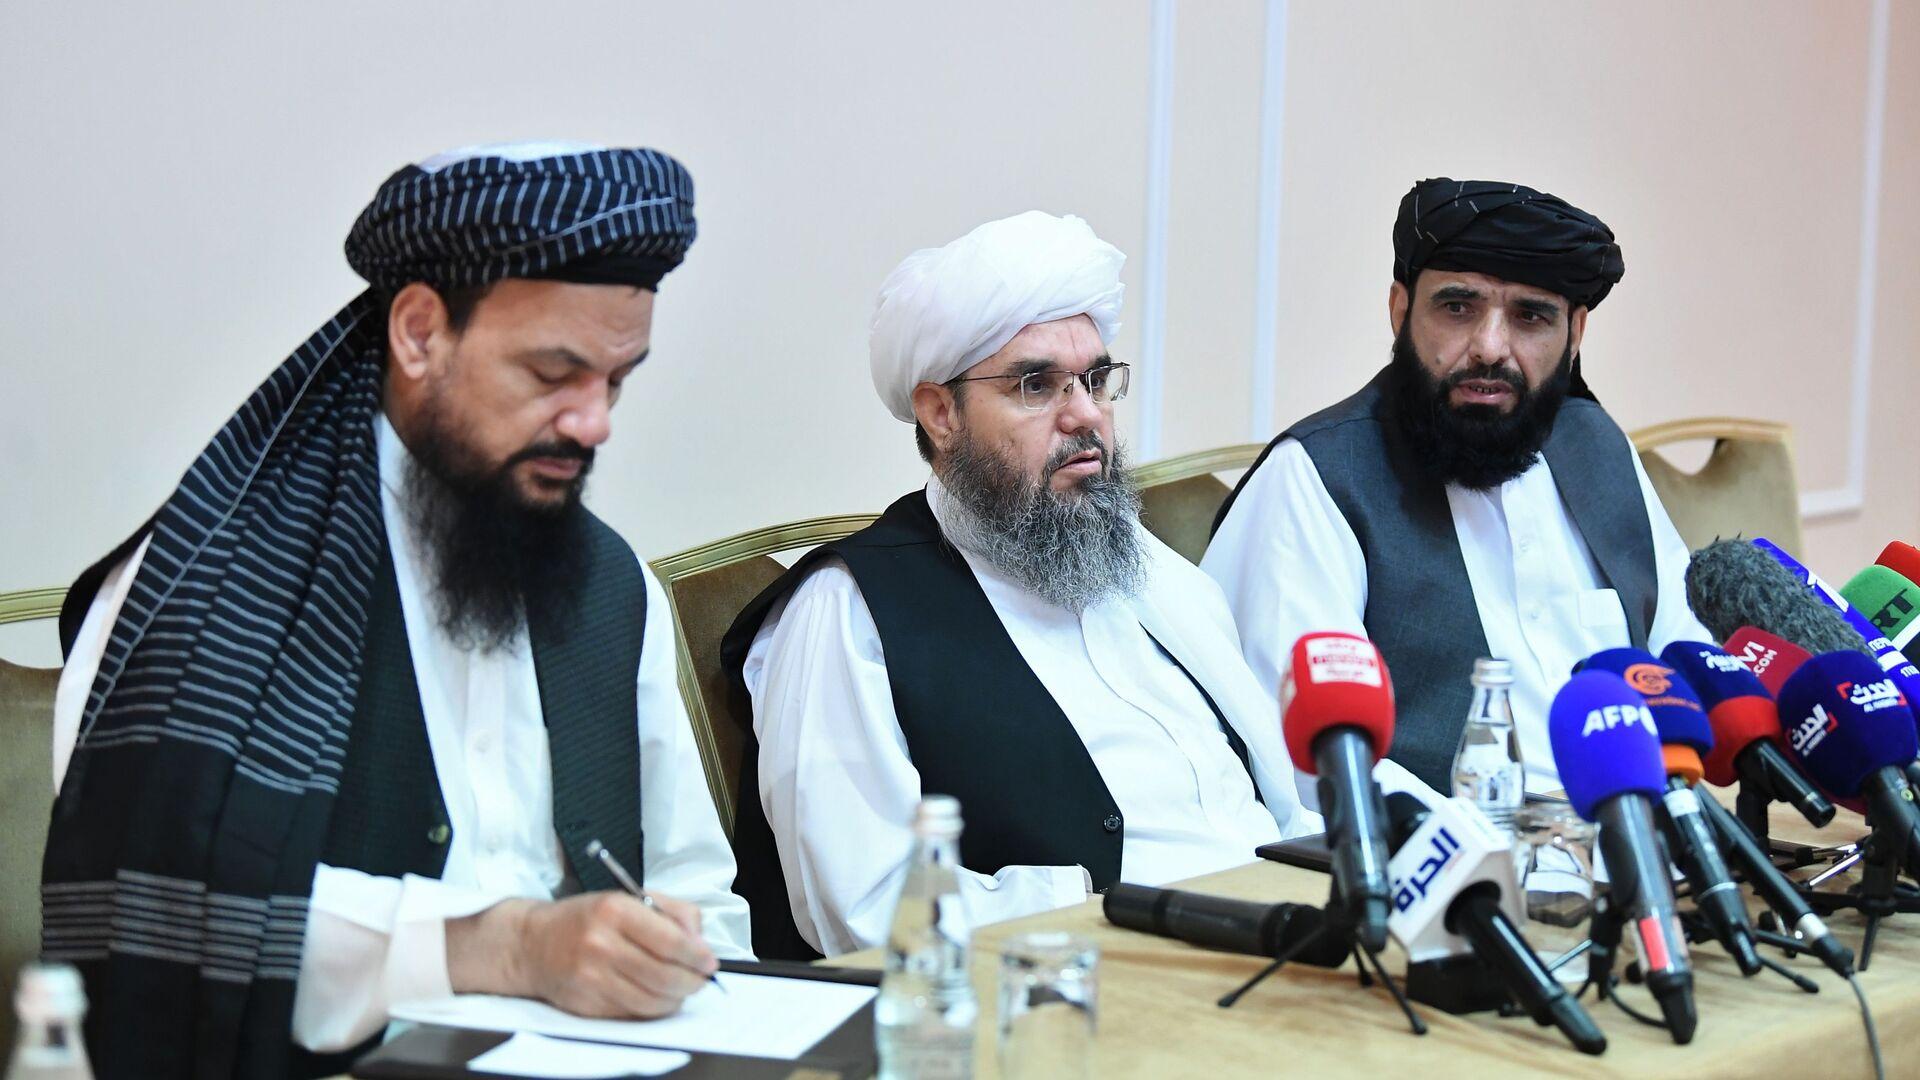 Талибани: Контролишемо већи део територије Авганистана - Sputnik Србија, 1920, 09.07.2021